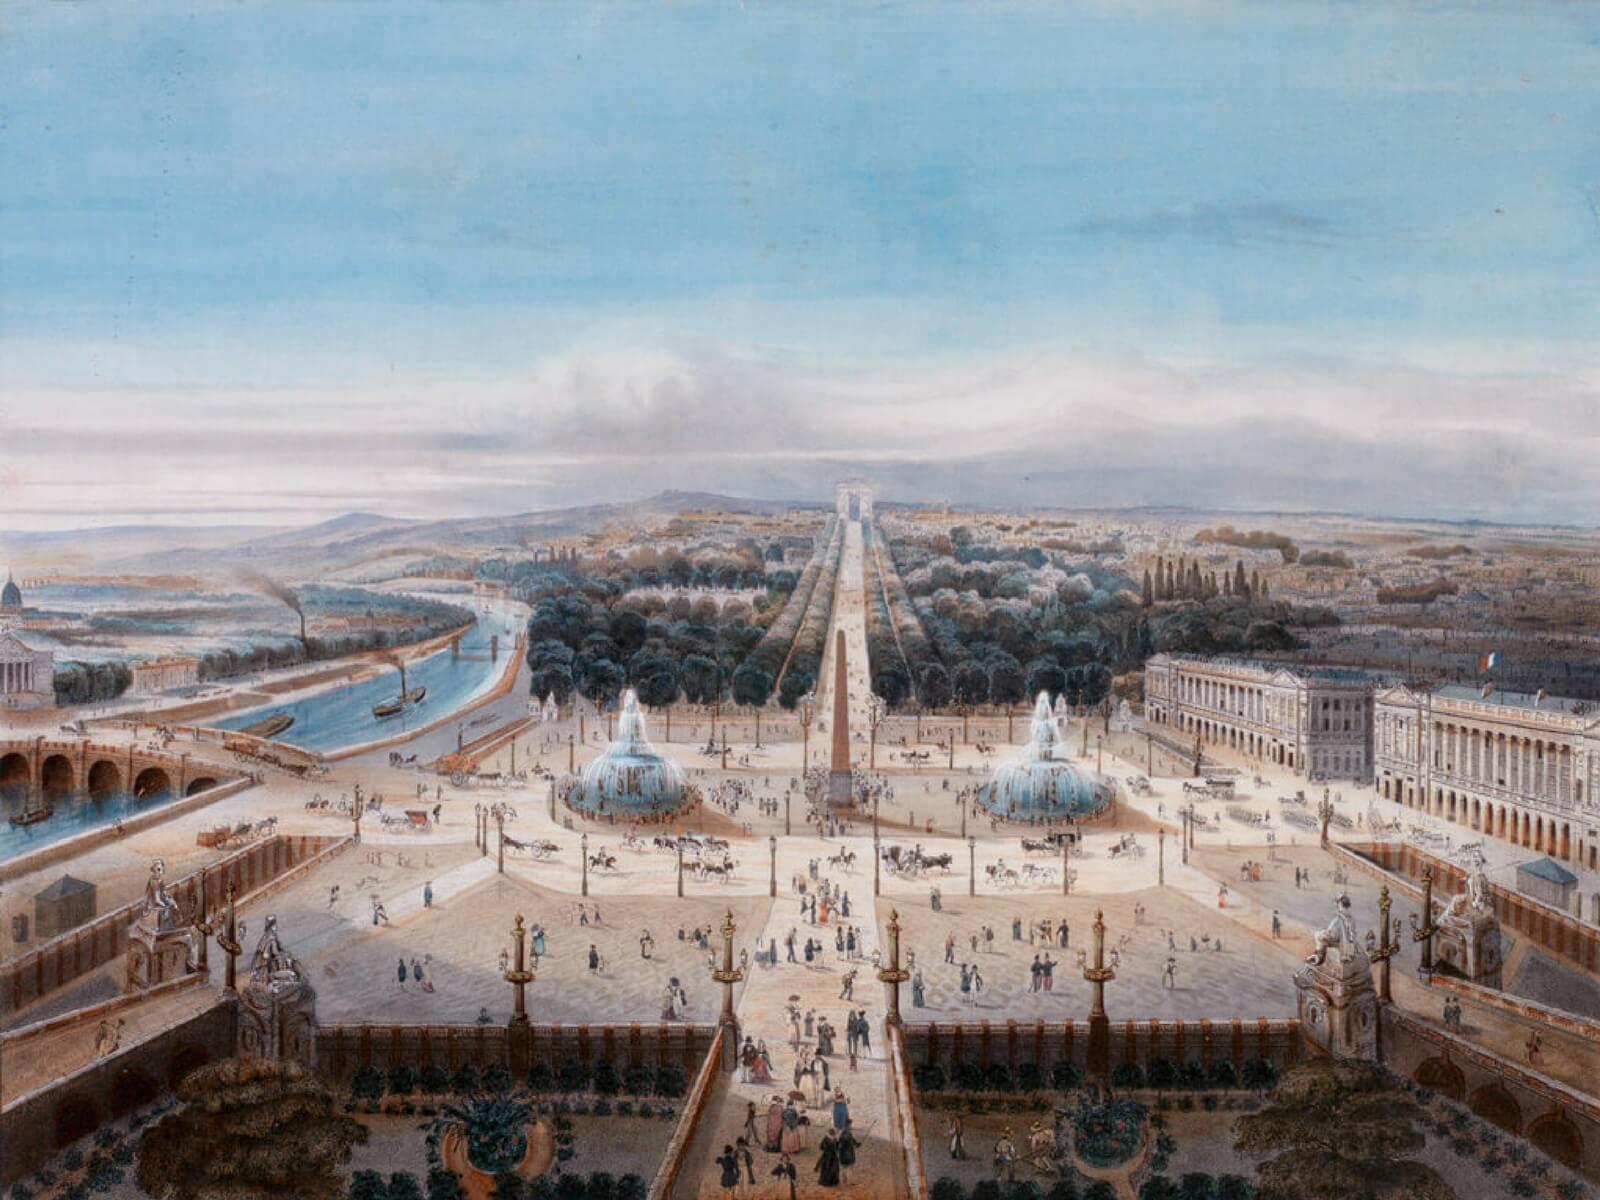 Paris Historical Axis at the Belle Époque